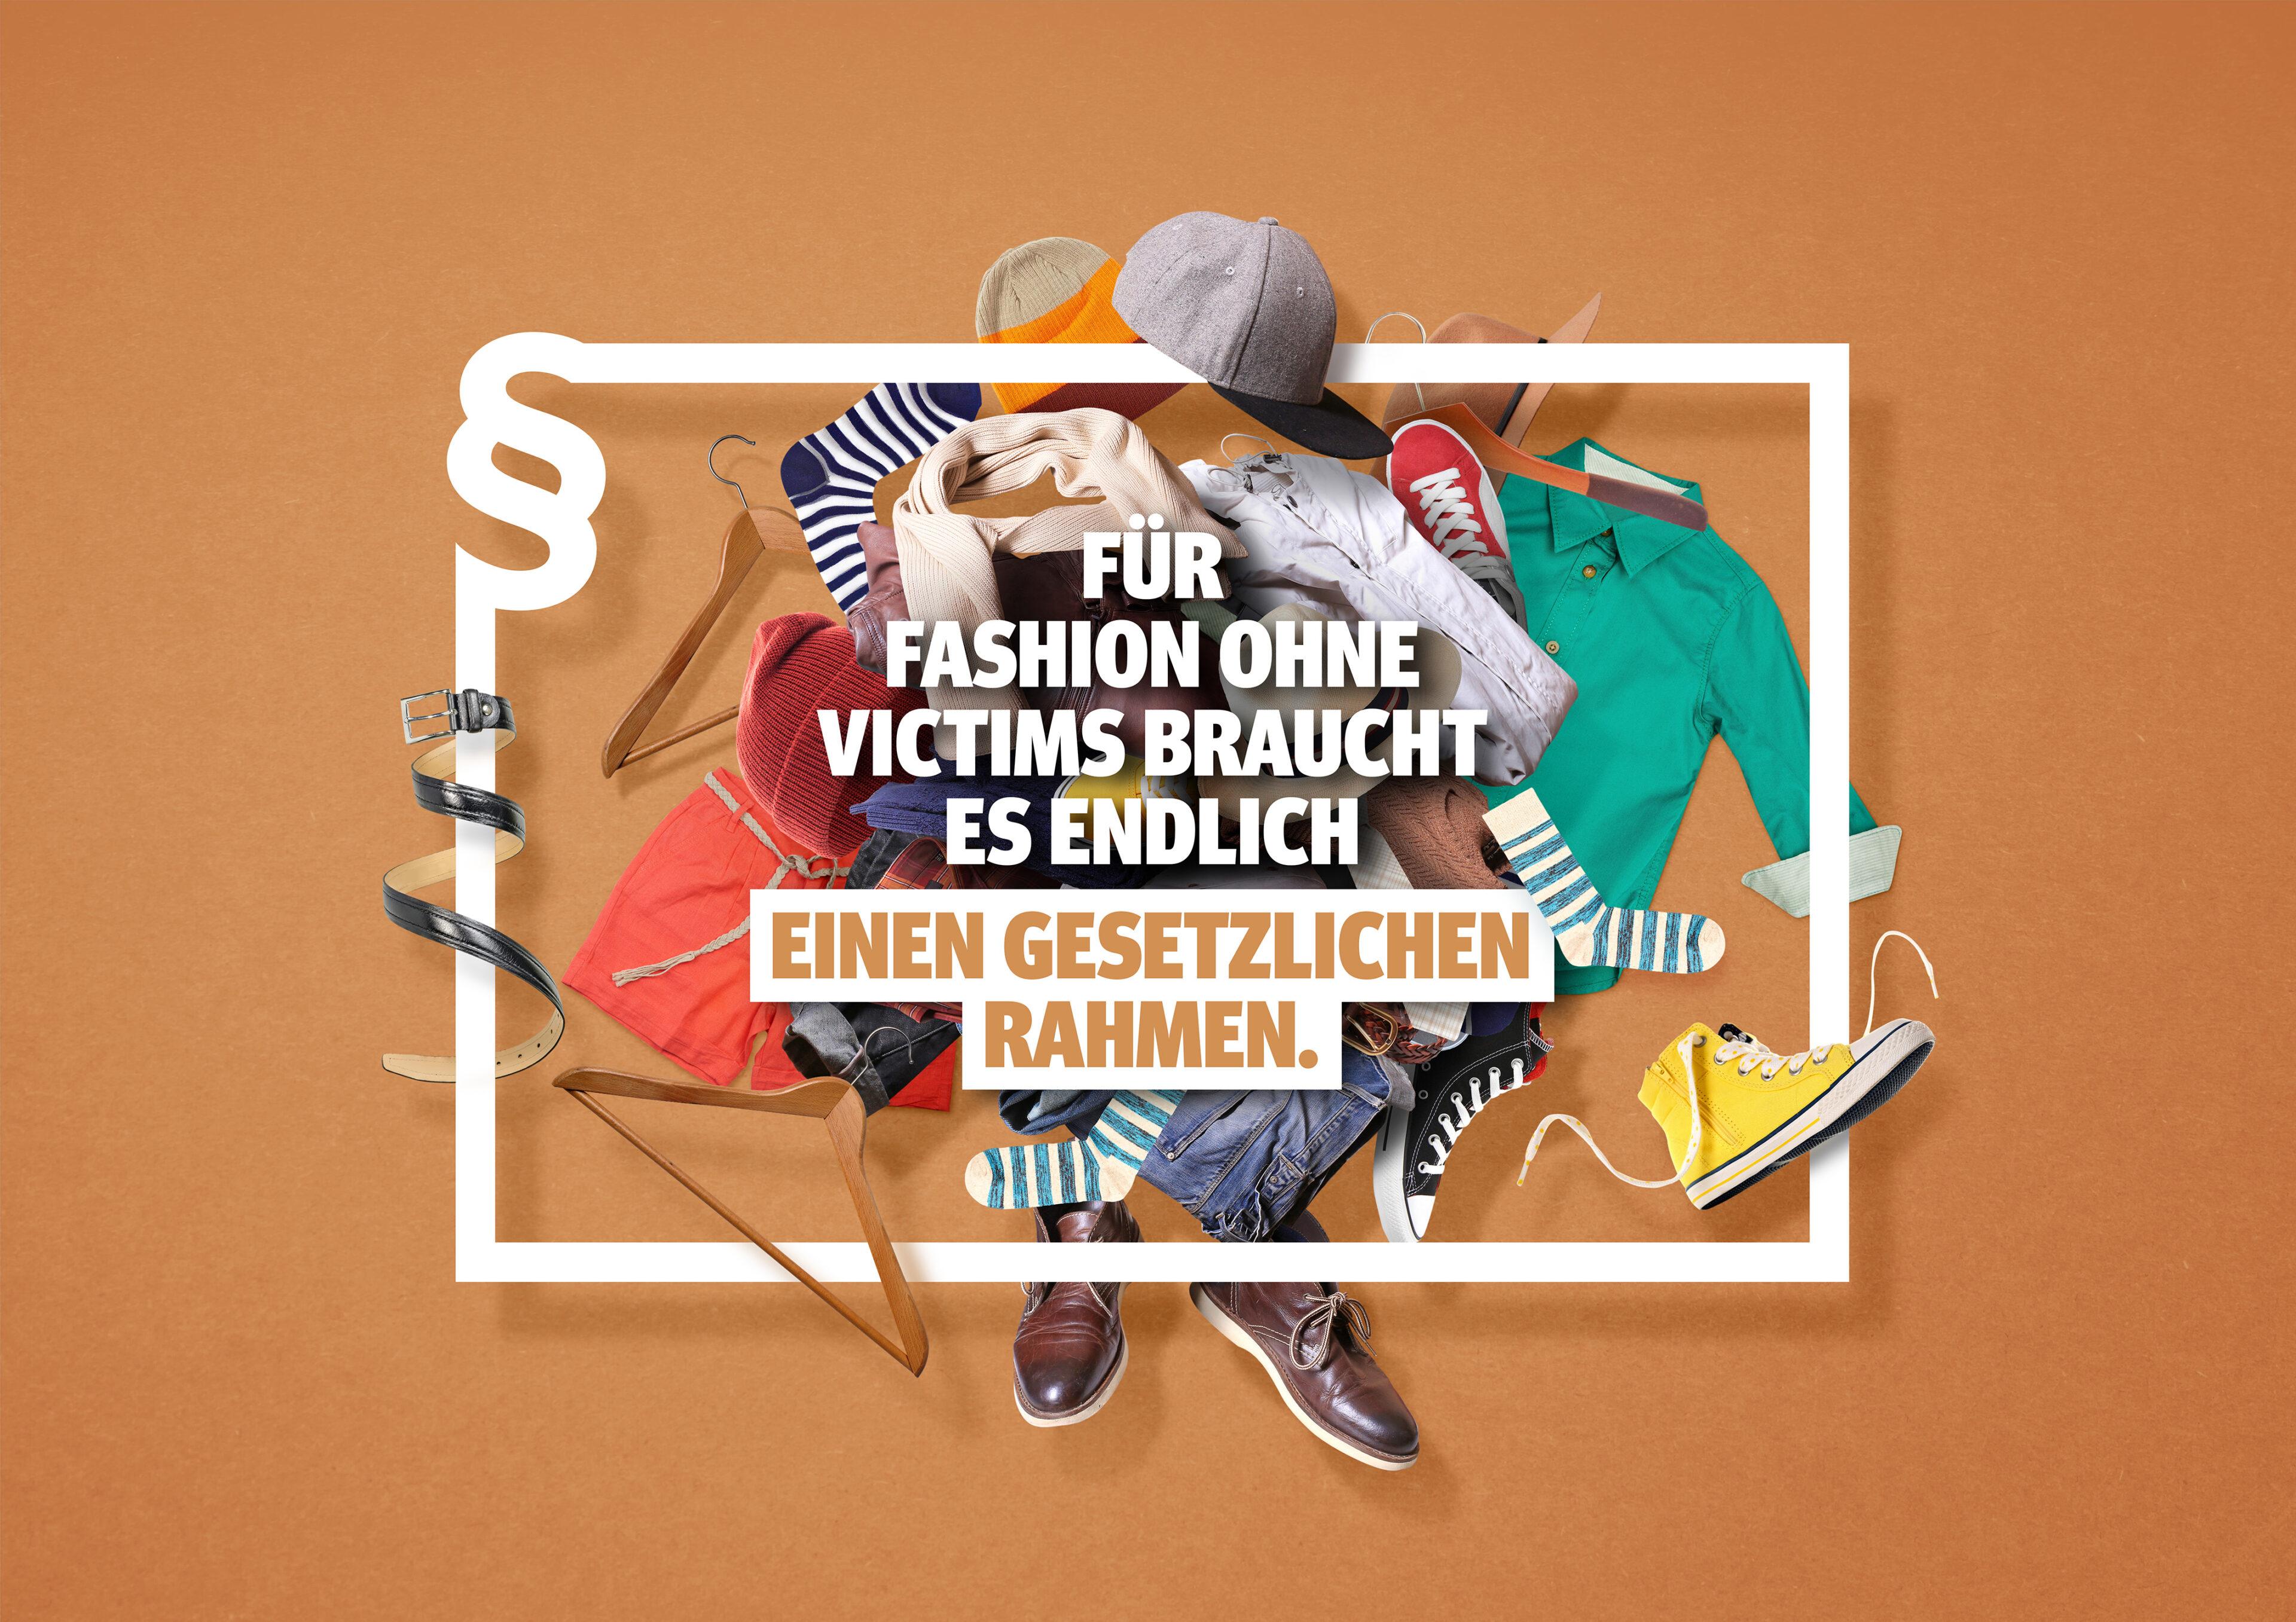 Lieferkettengesetz Motiv Textilfabrik quer sRGB scaled - GWÖ-SALON IN KOOPERATION MIT DER HAMBURGER  INITIATIVE LIEFERKETTENGESETZ